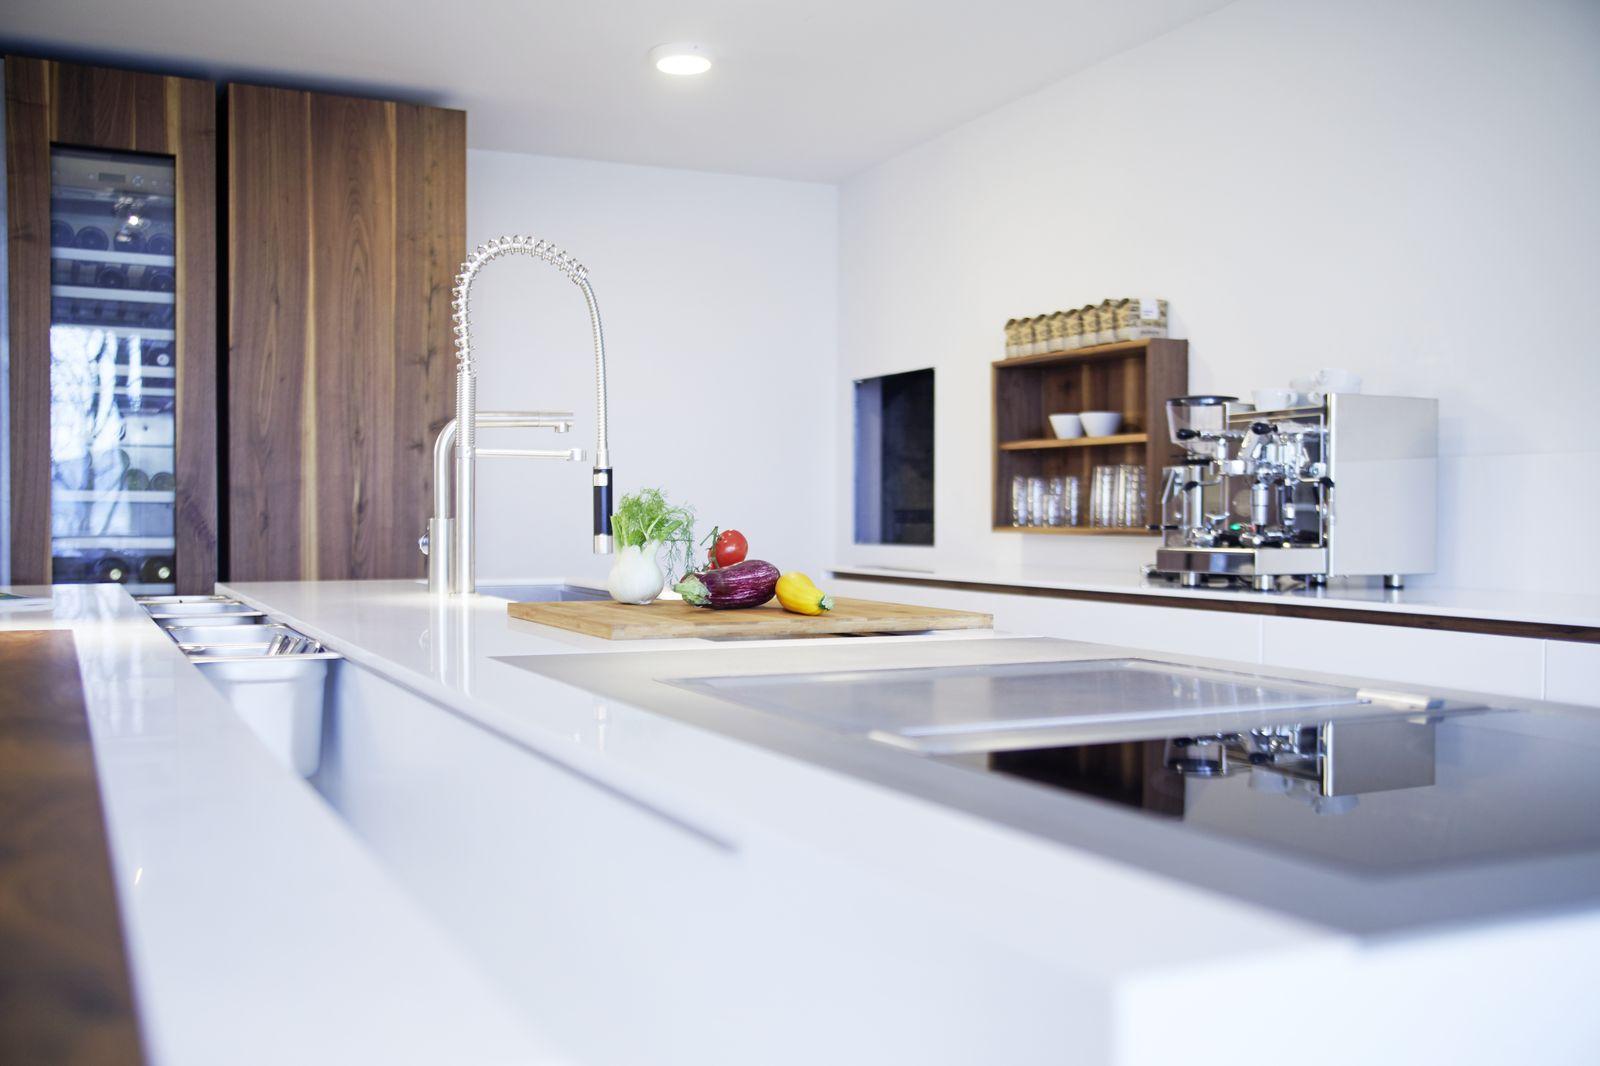 plan 3 kuchyně / Nadzemní bunkr Siegen / Kuchyňská dílna plan 3 kuchyně